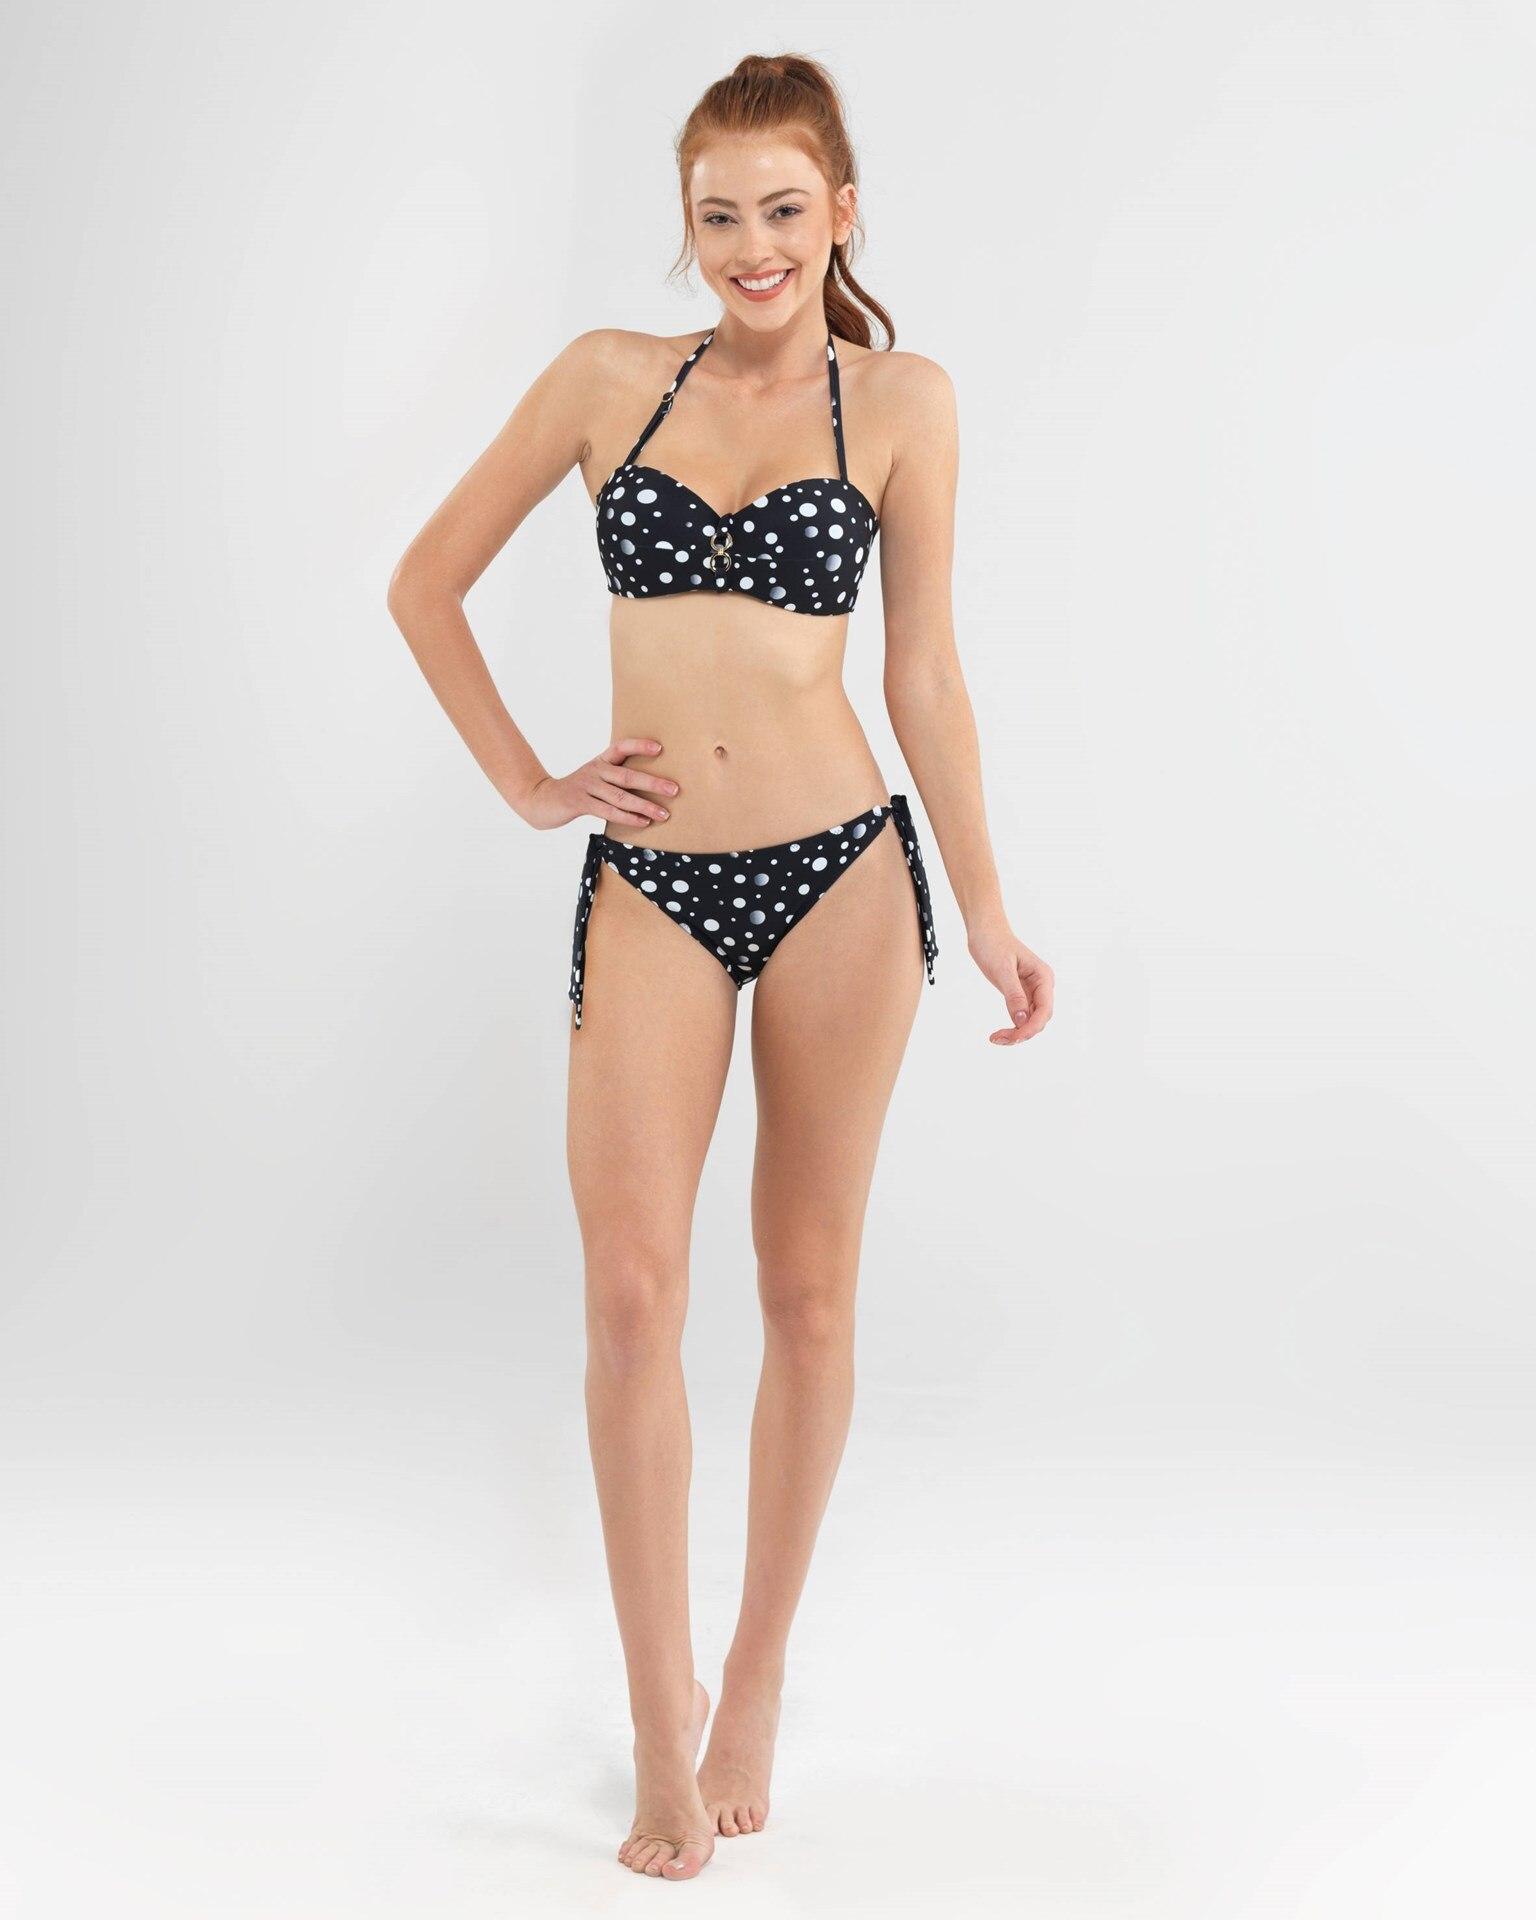 Kadın Bikini Üst - 8586 - Puantiye Baskılı